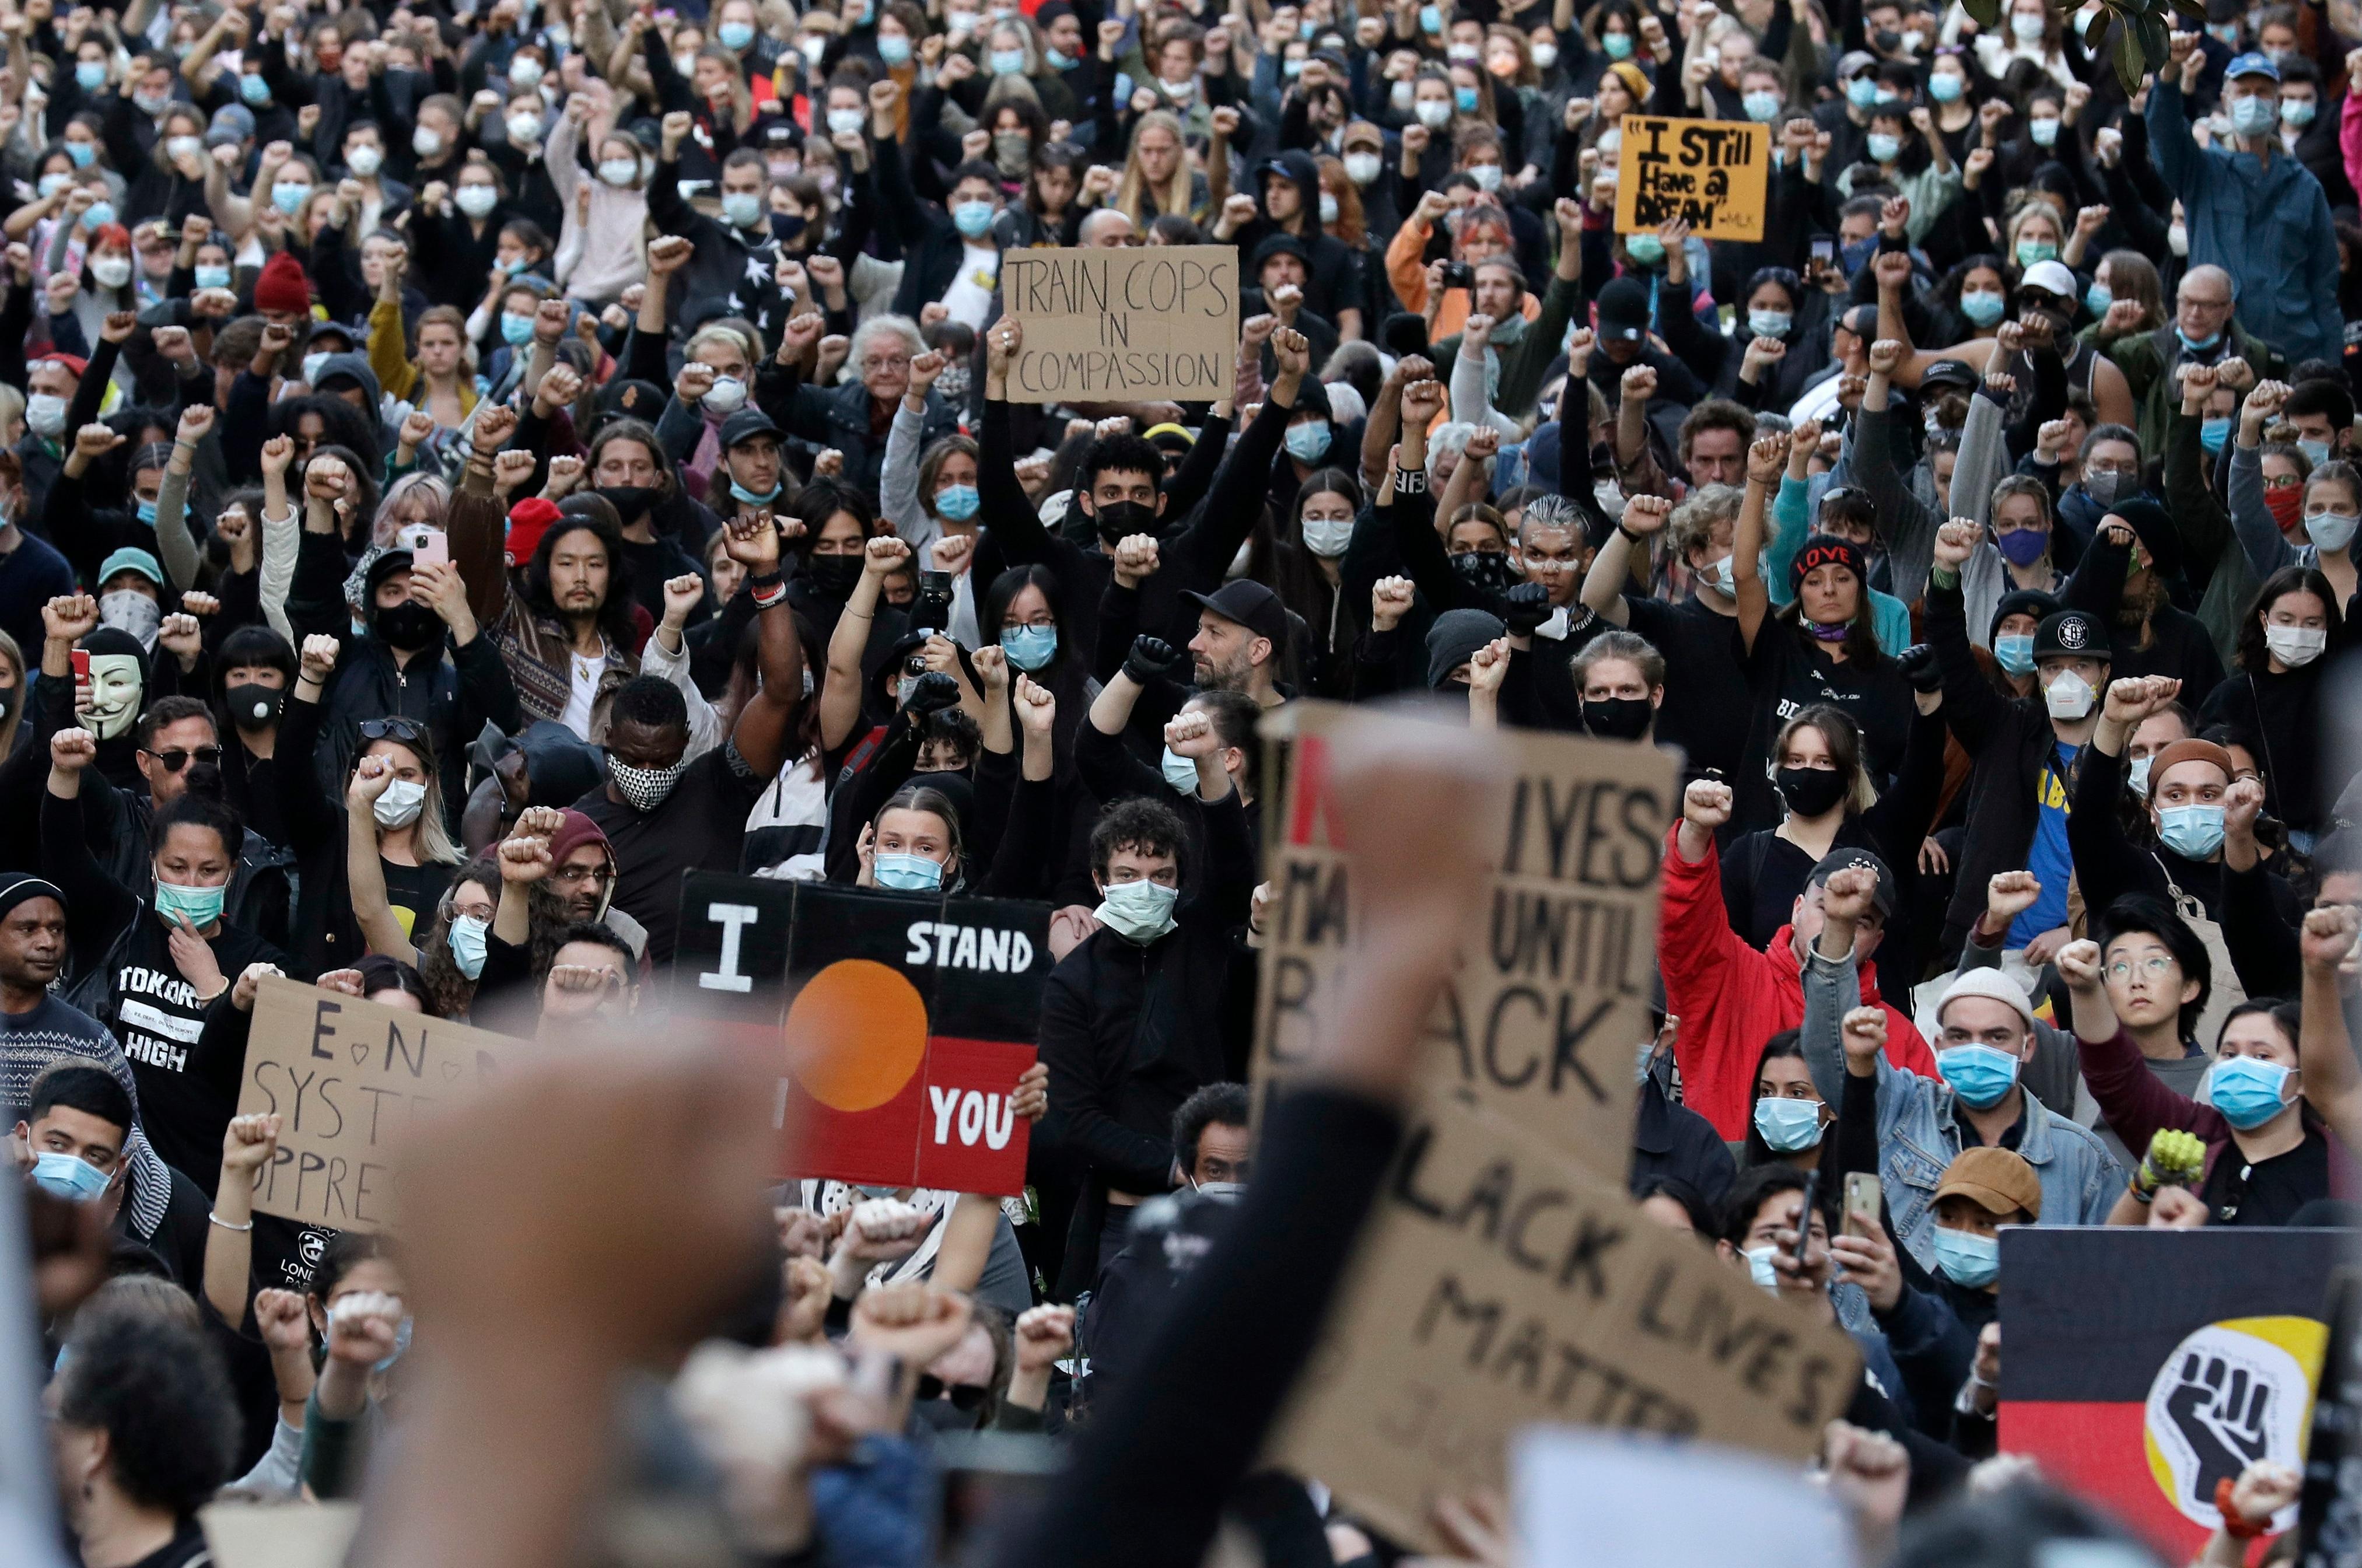 2020年6月6日にシドニーで行われたBlack Lives Matterの抗議者。